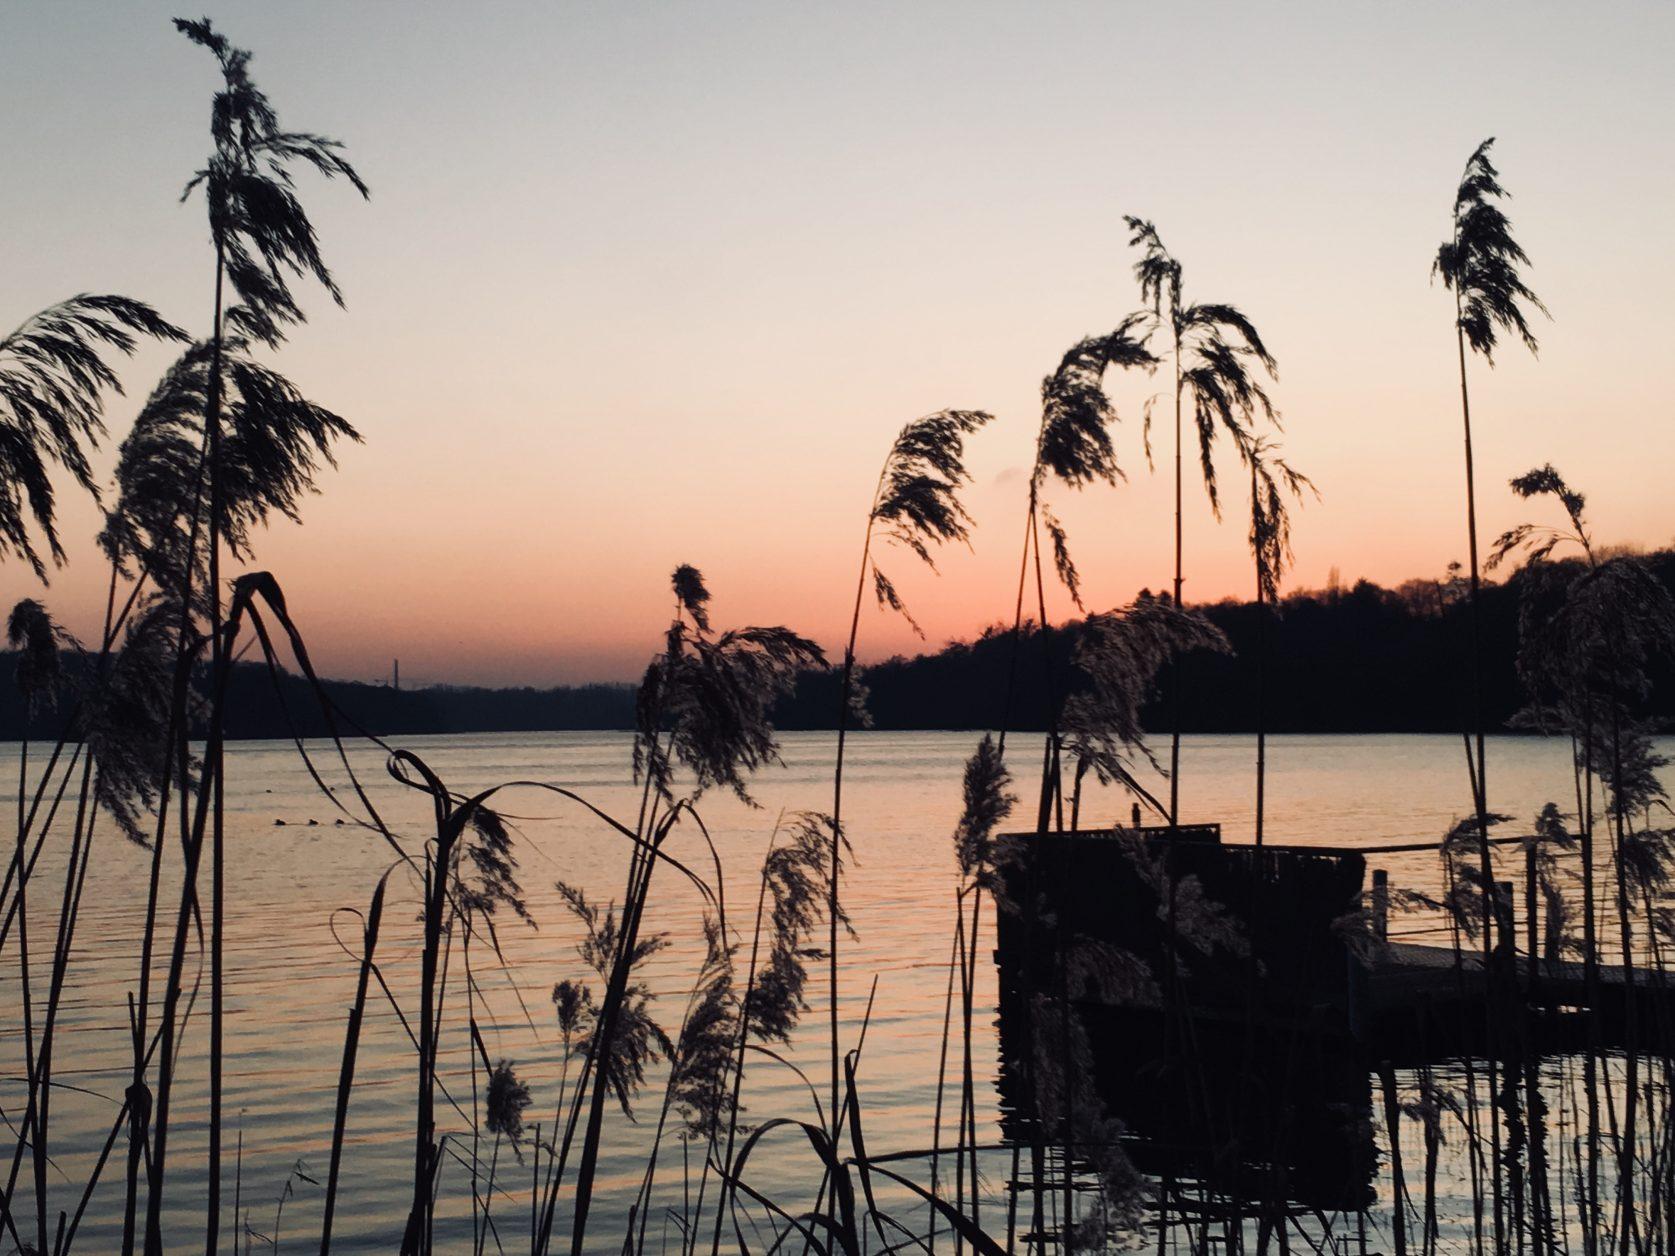 Sonnenuntergang am Ziegelaussensee von Schwerin, Foto: Weirauch